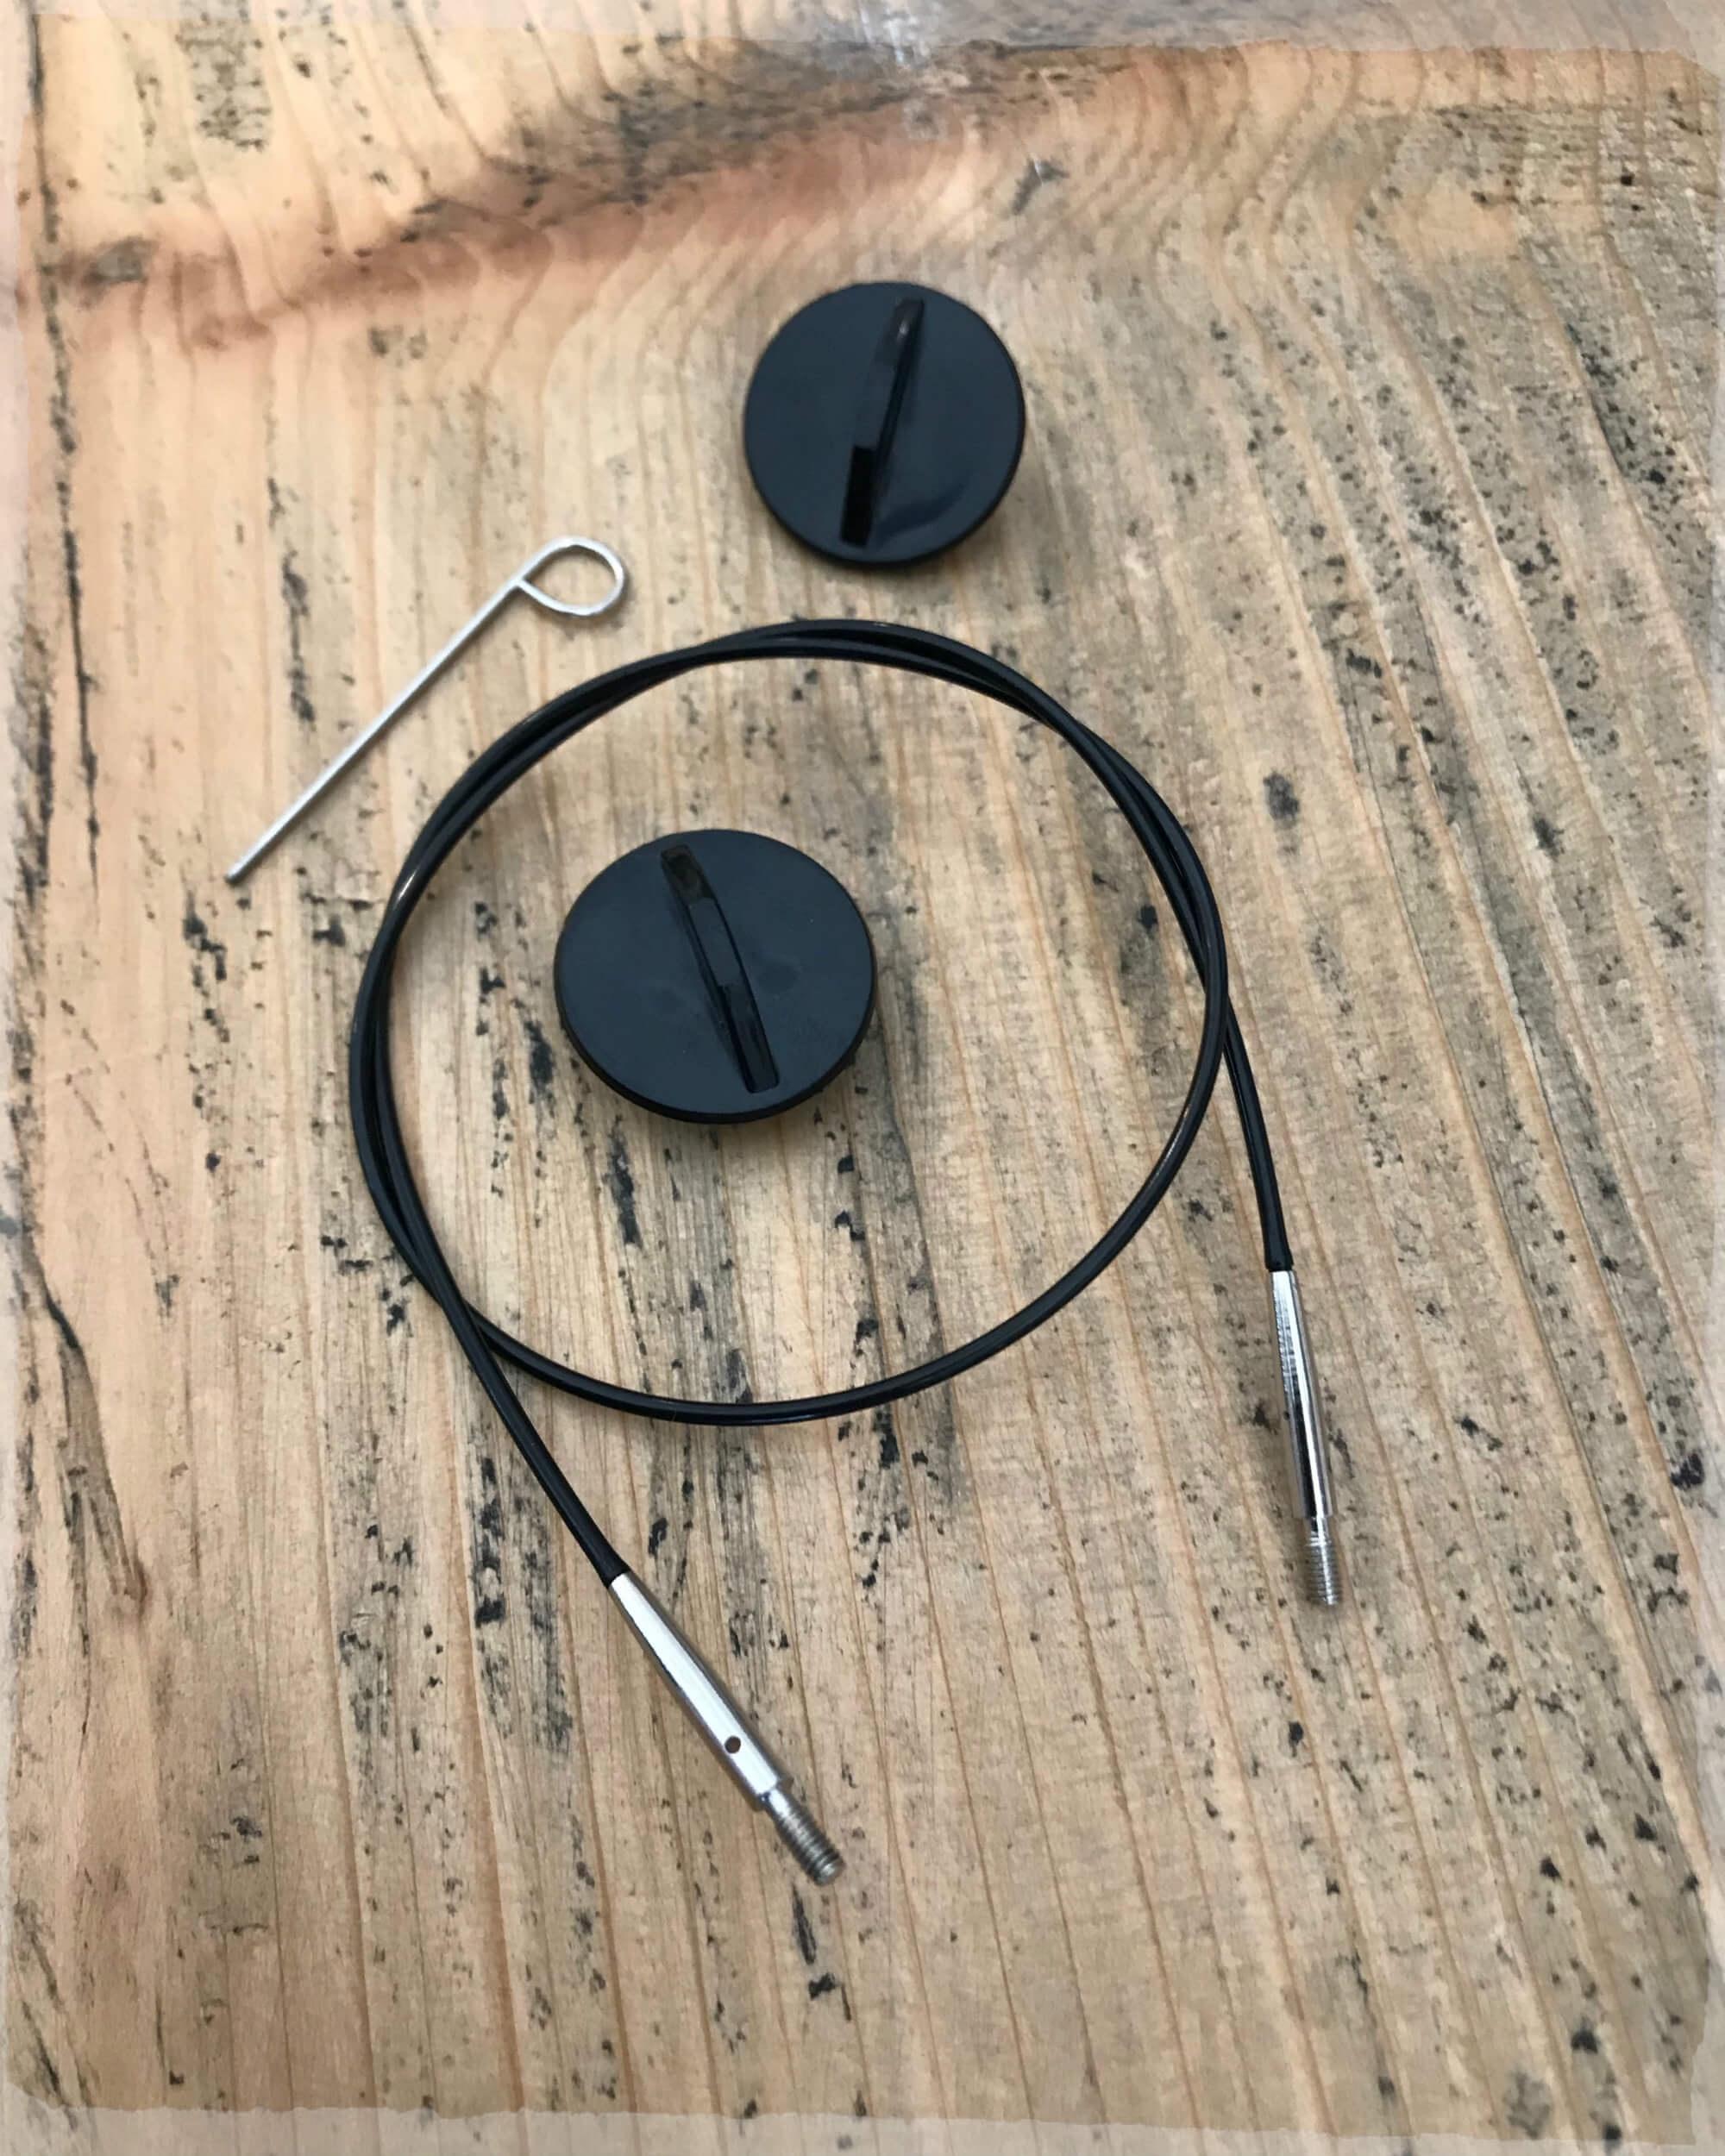 Lykke Interchangeable Needle Cable